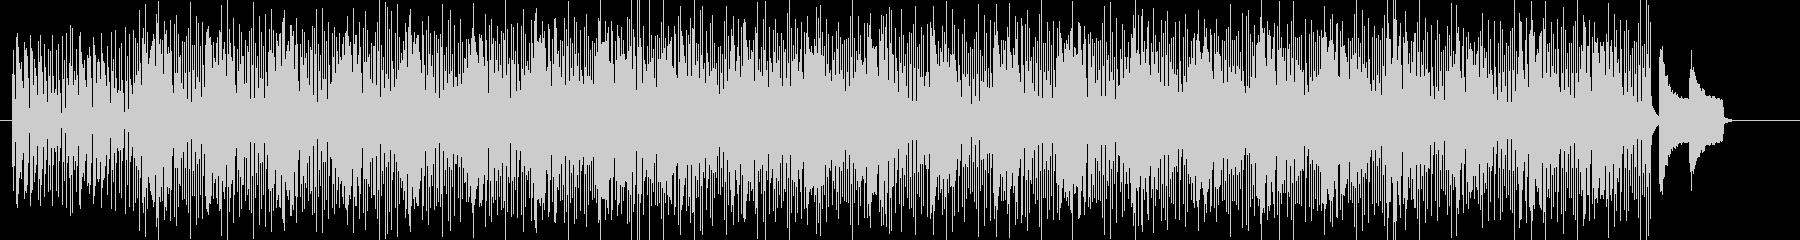 きらきらベルのメロディーが特徴的ポップスの未再生の波形